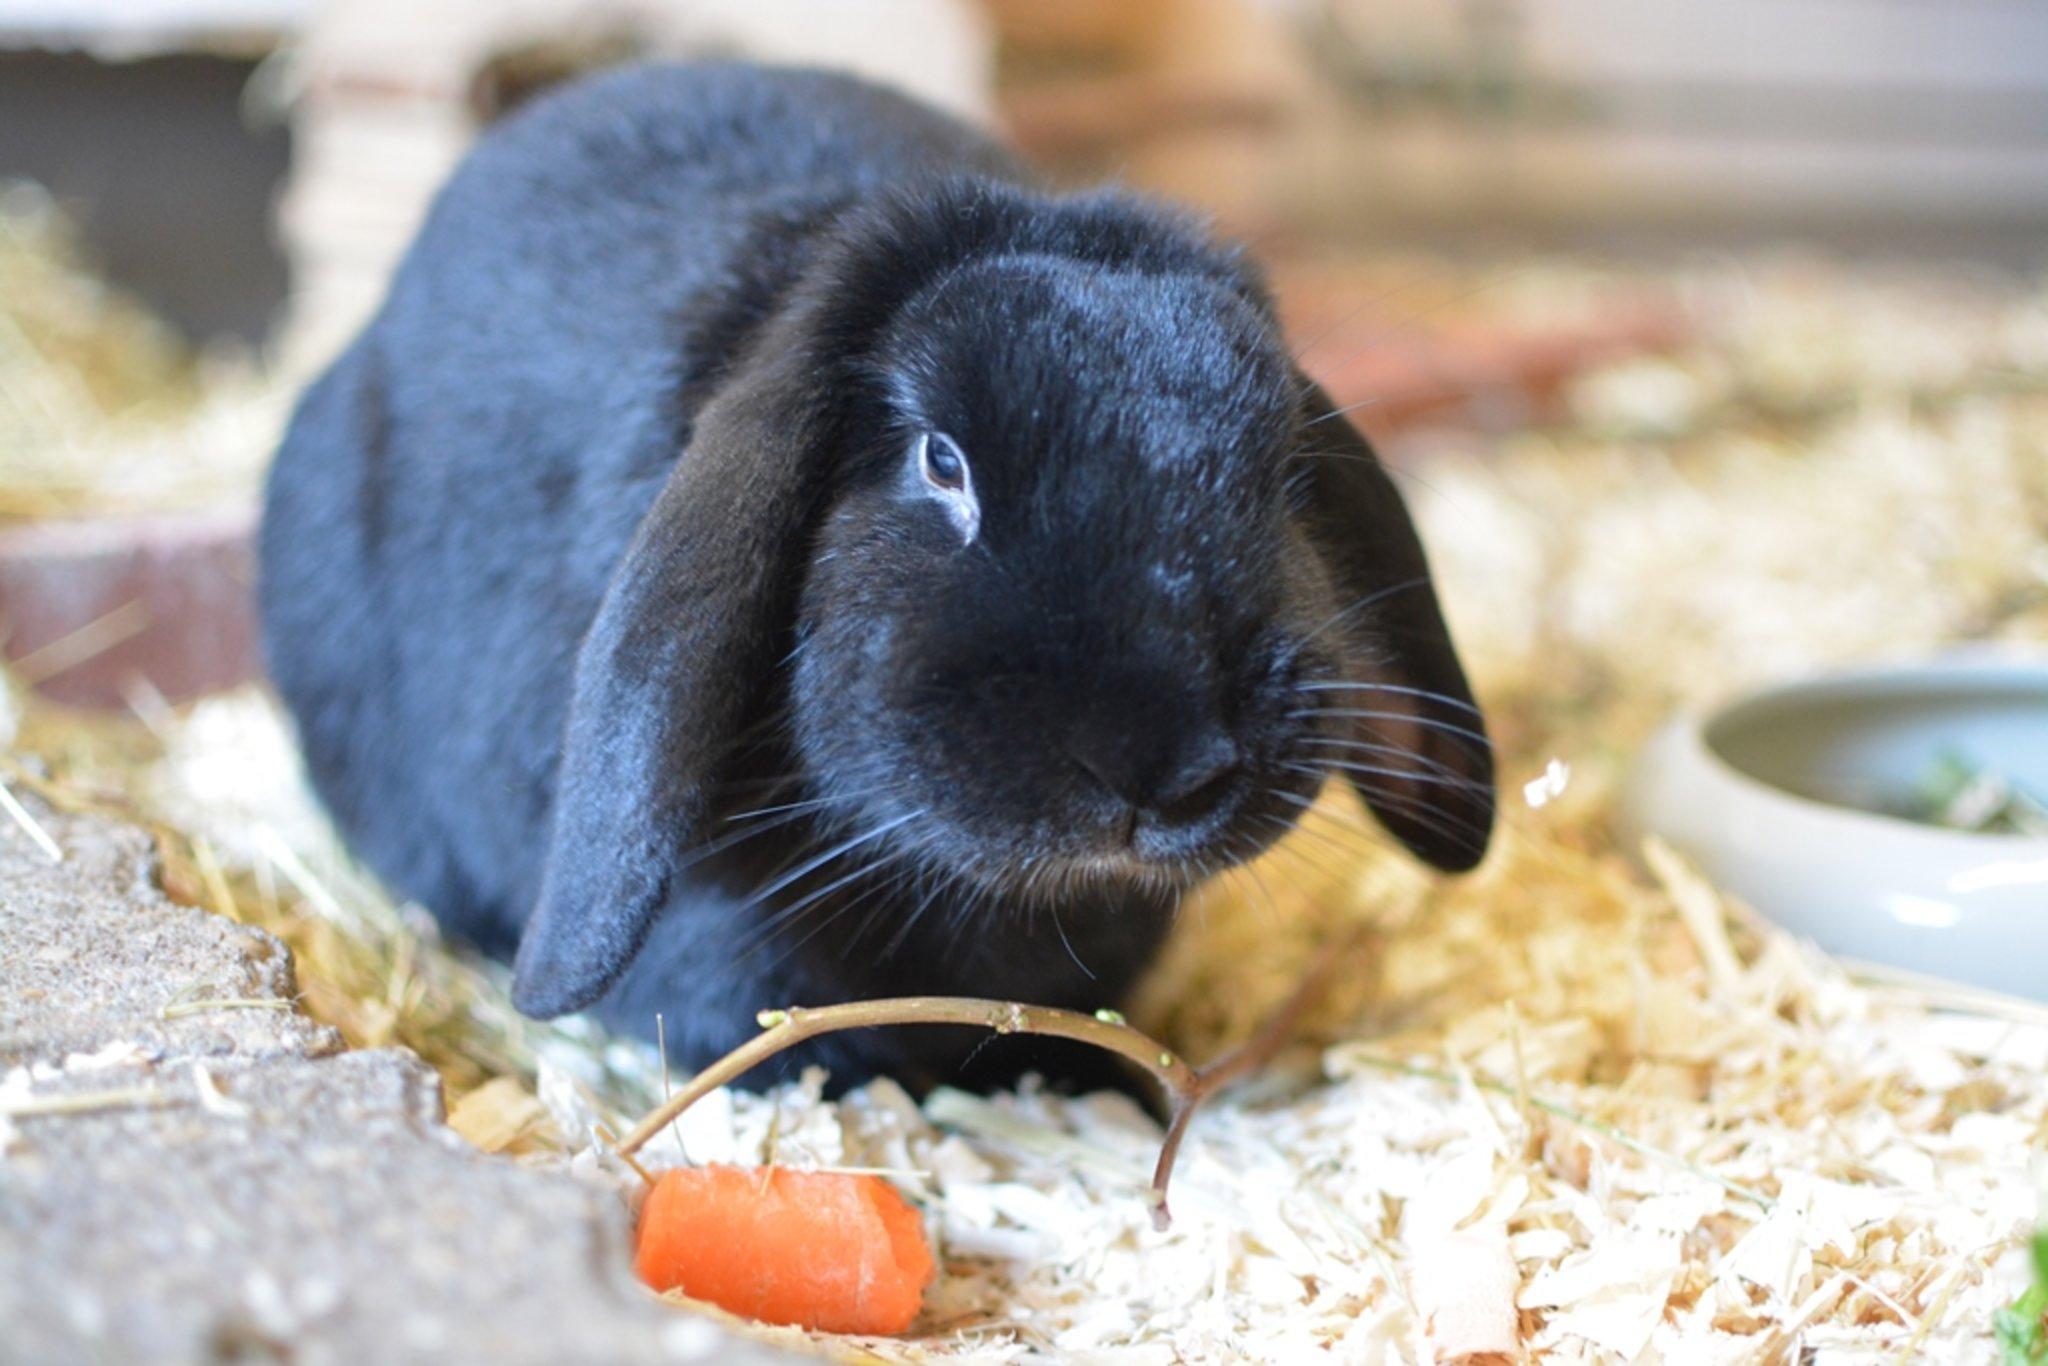 Kaninchenfamilie gesucht: Sanftmütiger Johnny allein im Heim - Lokalkompass.de